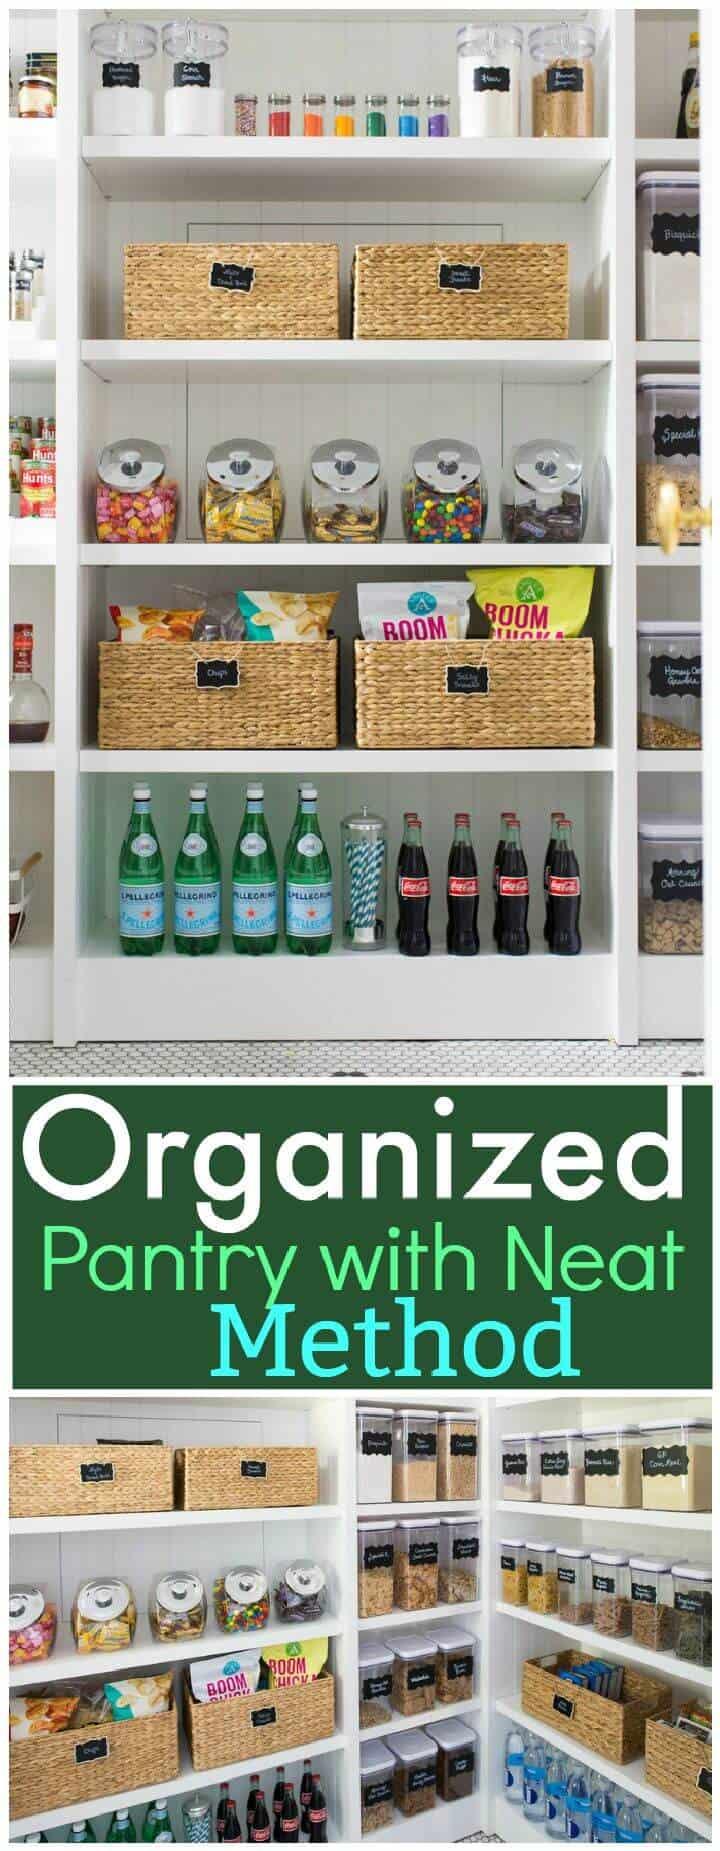 Despensa organizada con un método ordenado